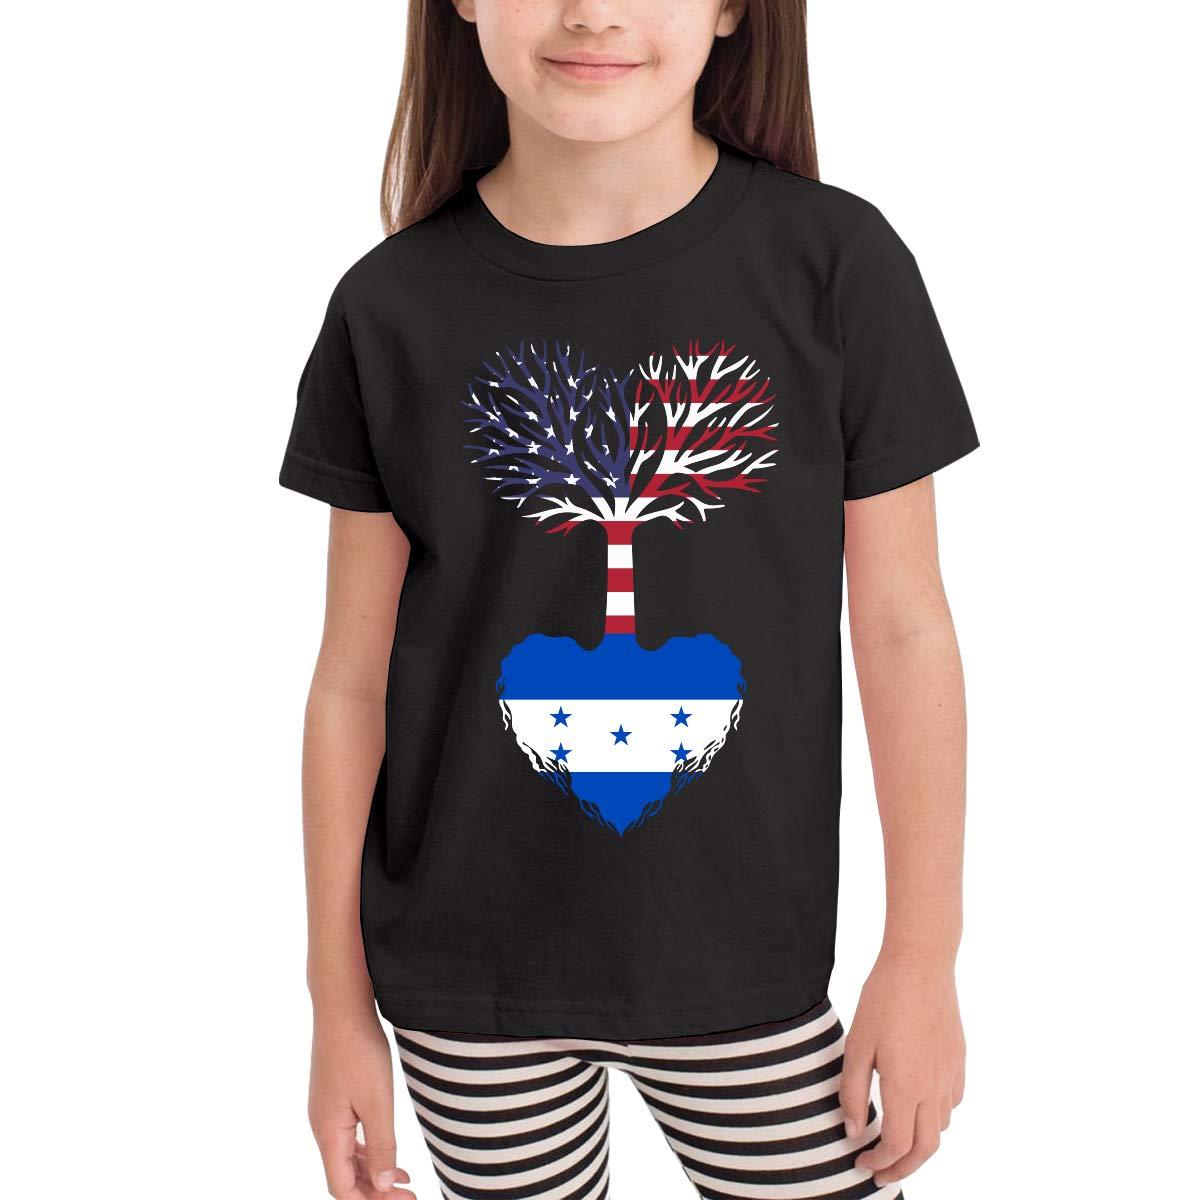 CERTONGCXTS Baby Girls Kids American Grown Honduras Root Cute Short Sleeve T-Shirt Size 2-6